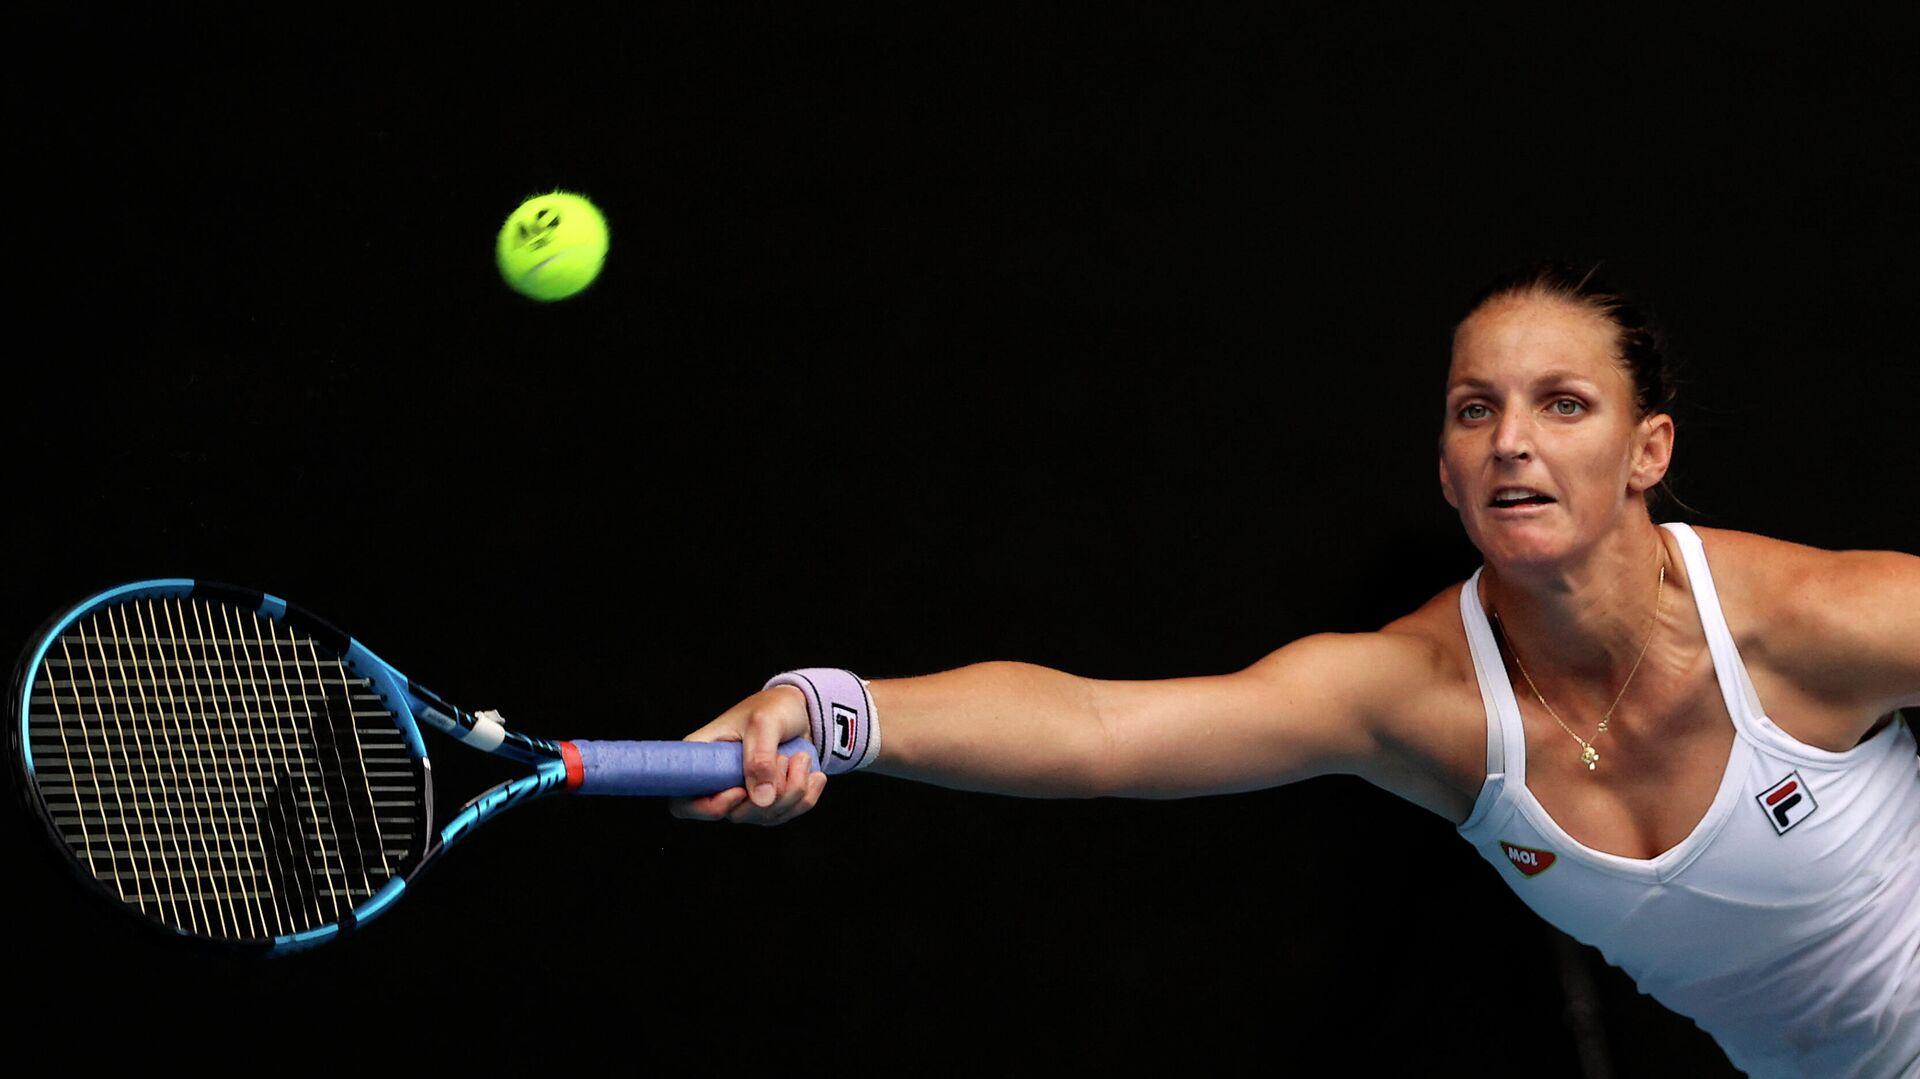 Теннисистка Каролина Плишкова (Чехия) - РИА Новости, 1920, 09.03.2021